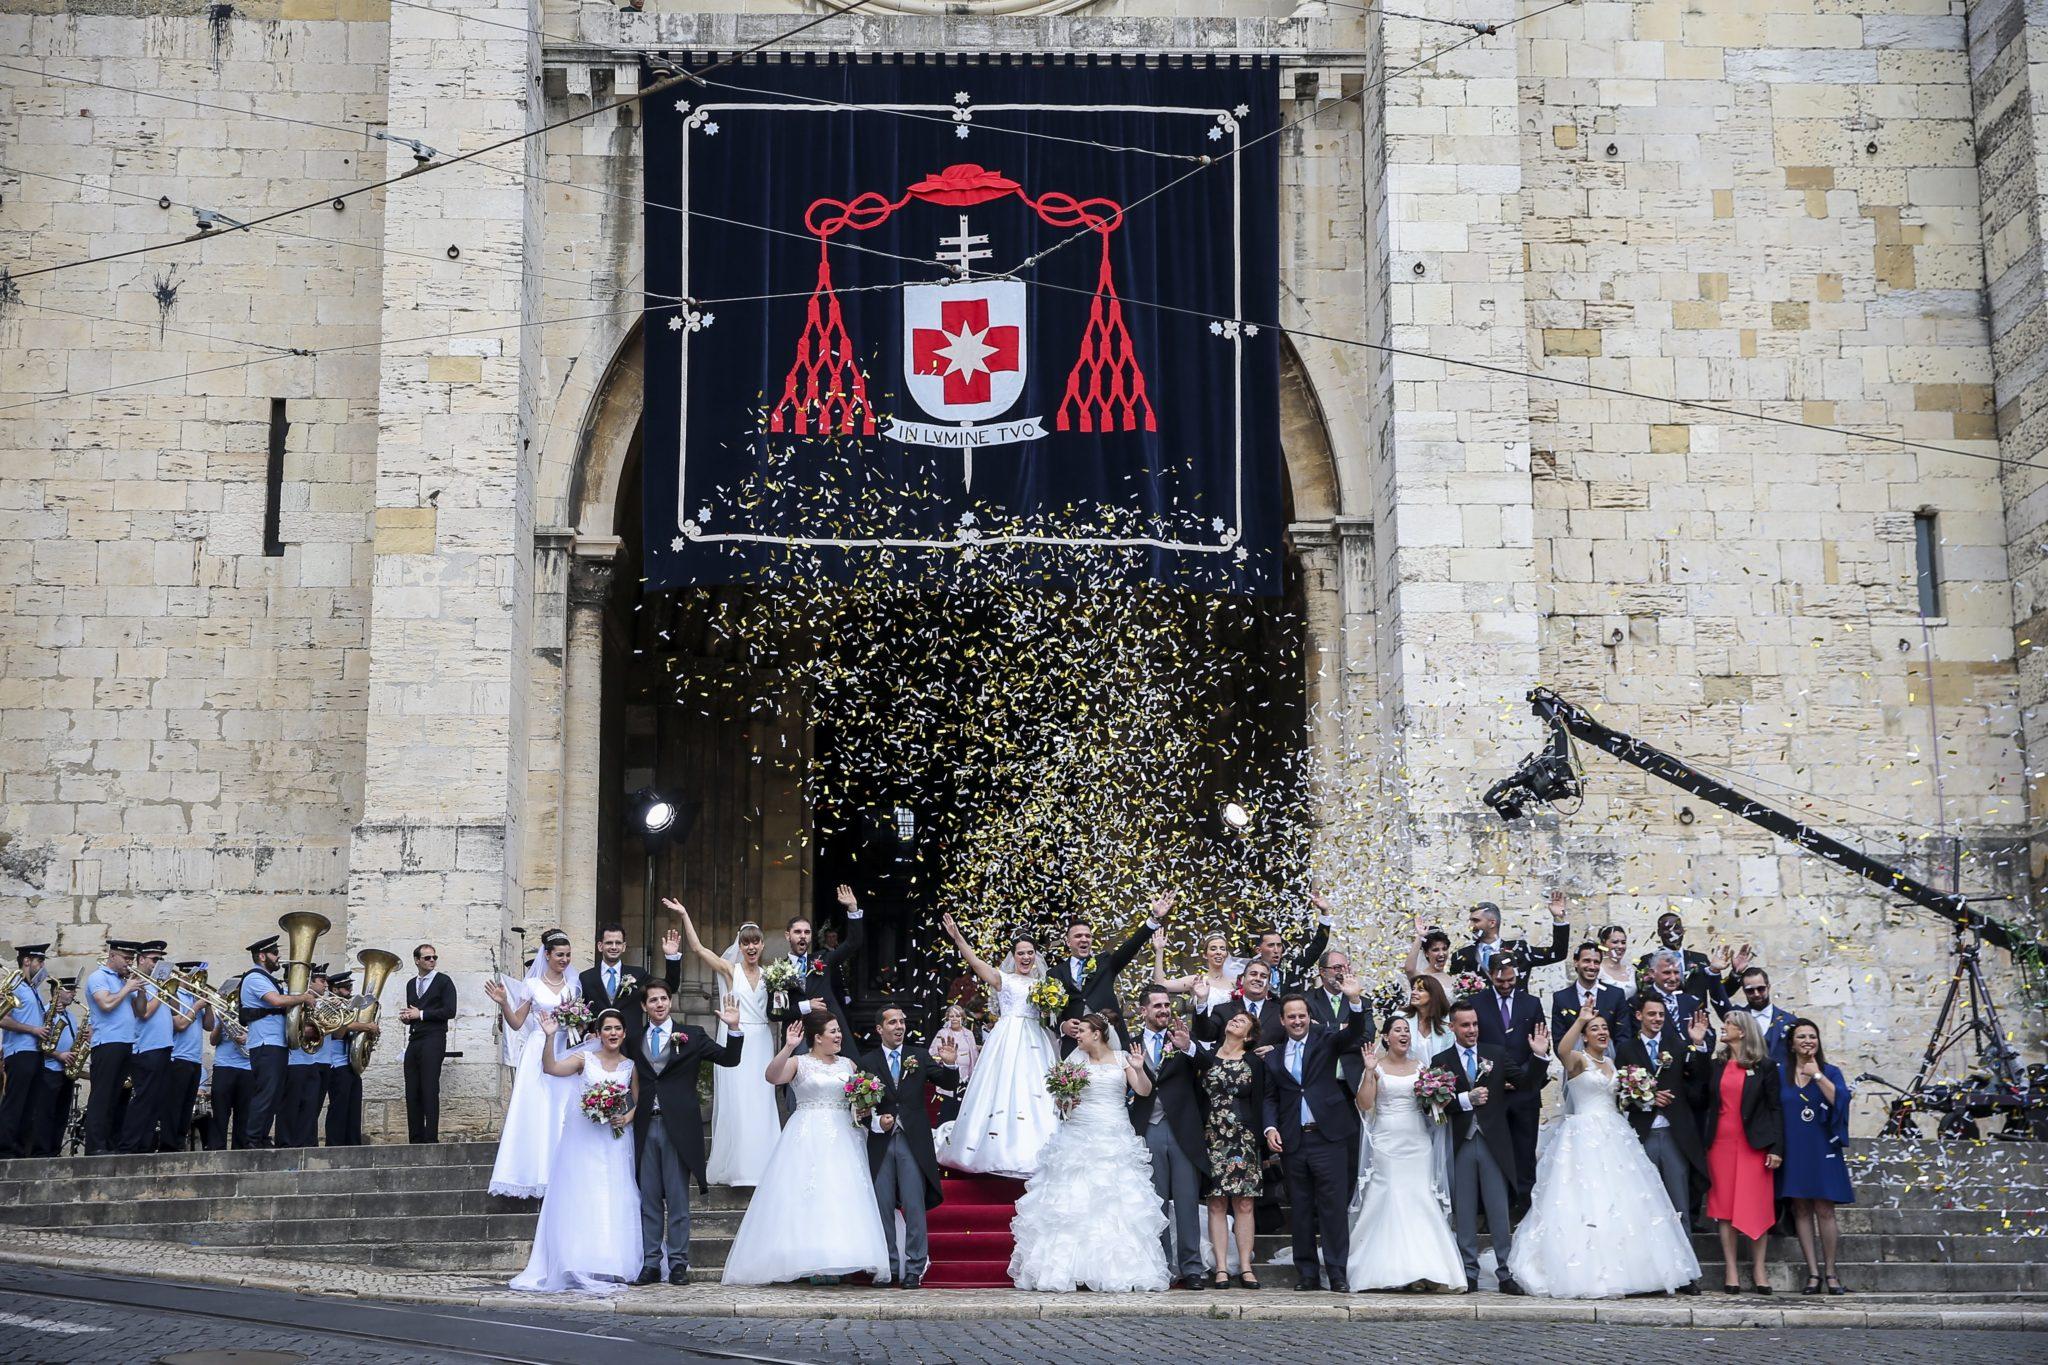 Nowożeńcy pozują do zdjęcia po ślubie podczas tradycyjnej ceremonii, którą nazwano weselami św. Antoniego w katedrze w Lizbonie (wspomnienie świętego przypada jutro). Szesnaście par wzięło ślub w trakcie tradycyjnego wydarzenia, które odnosi się do św. Antoniego z Padwy, który urodziła się w Lizbonie. Jest też patronem młodych narzeczonych, fot: Jose Sena Goulao, PAP/EPA